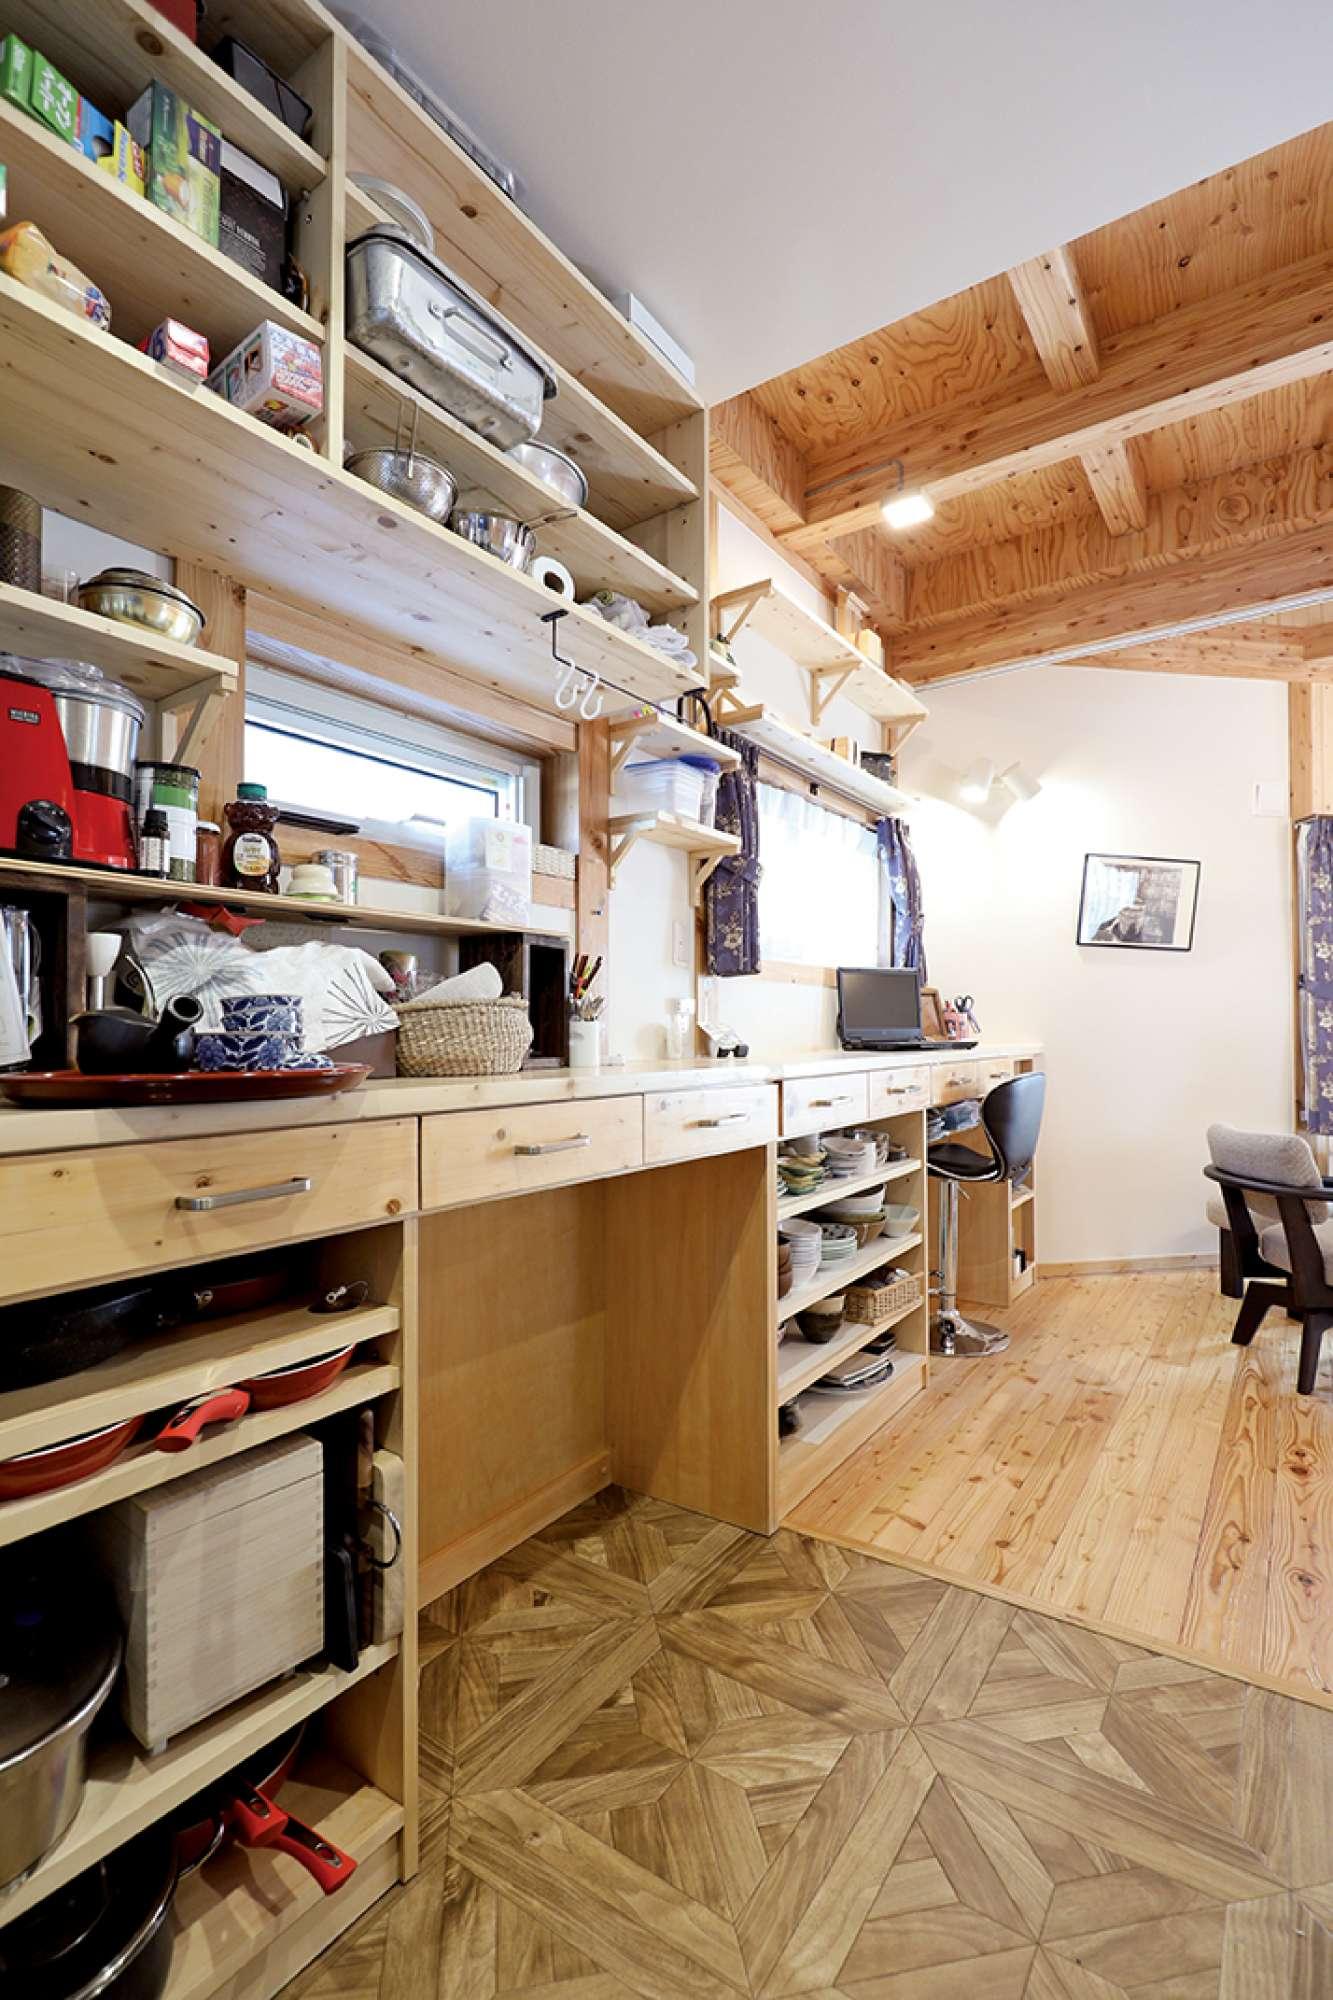 キッチンにロングサイズの食器棚収納付きカウンターを造作 -  -  -